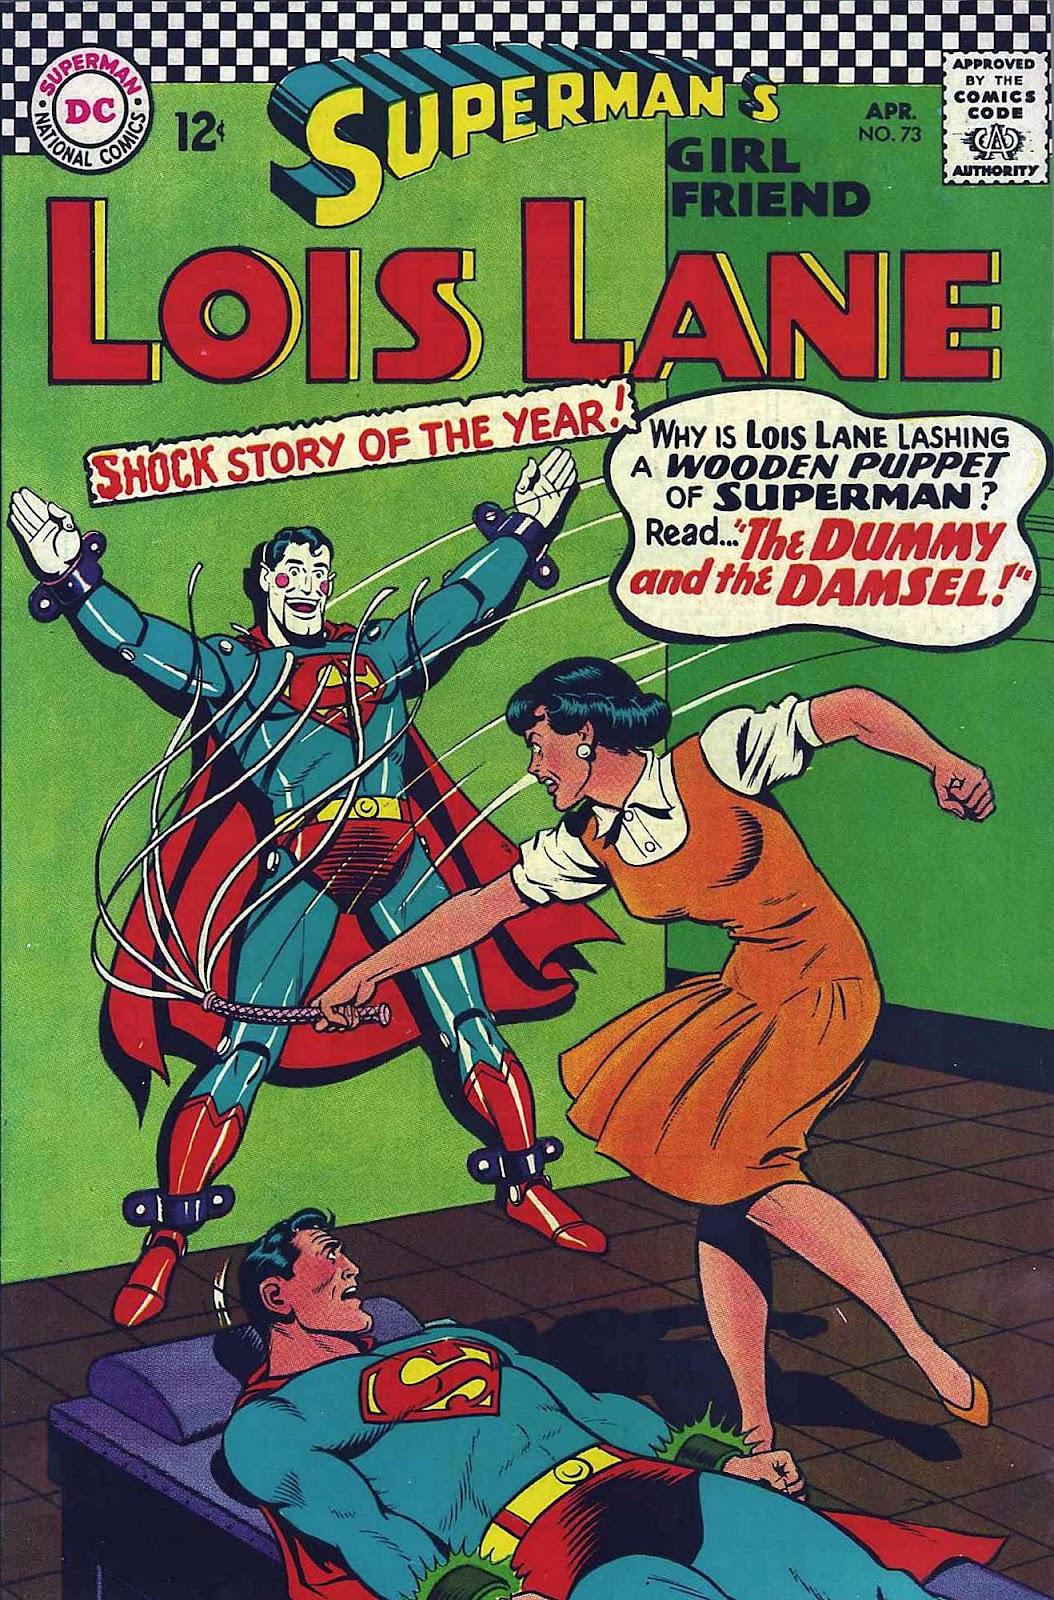 Supermans Girl Friend, Lois Lane 73 Page 1